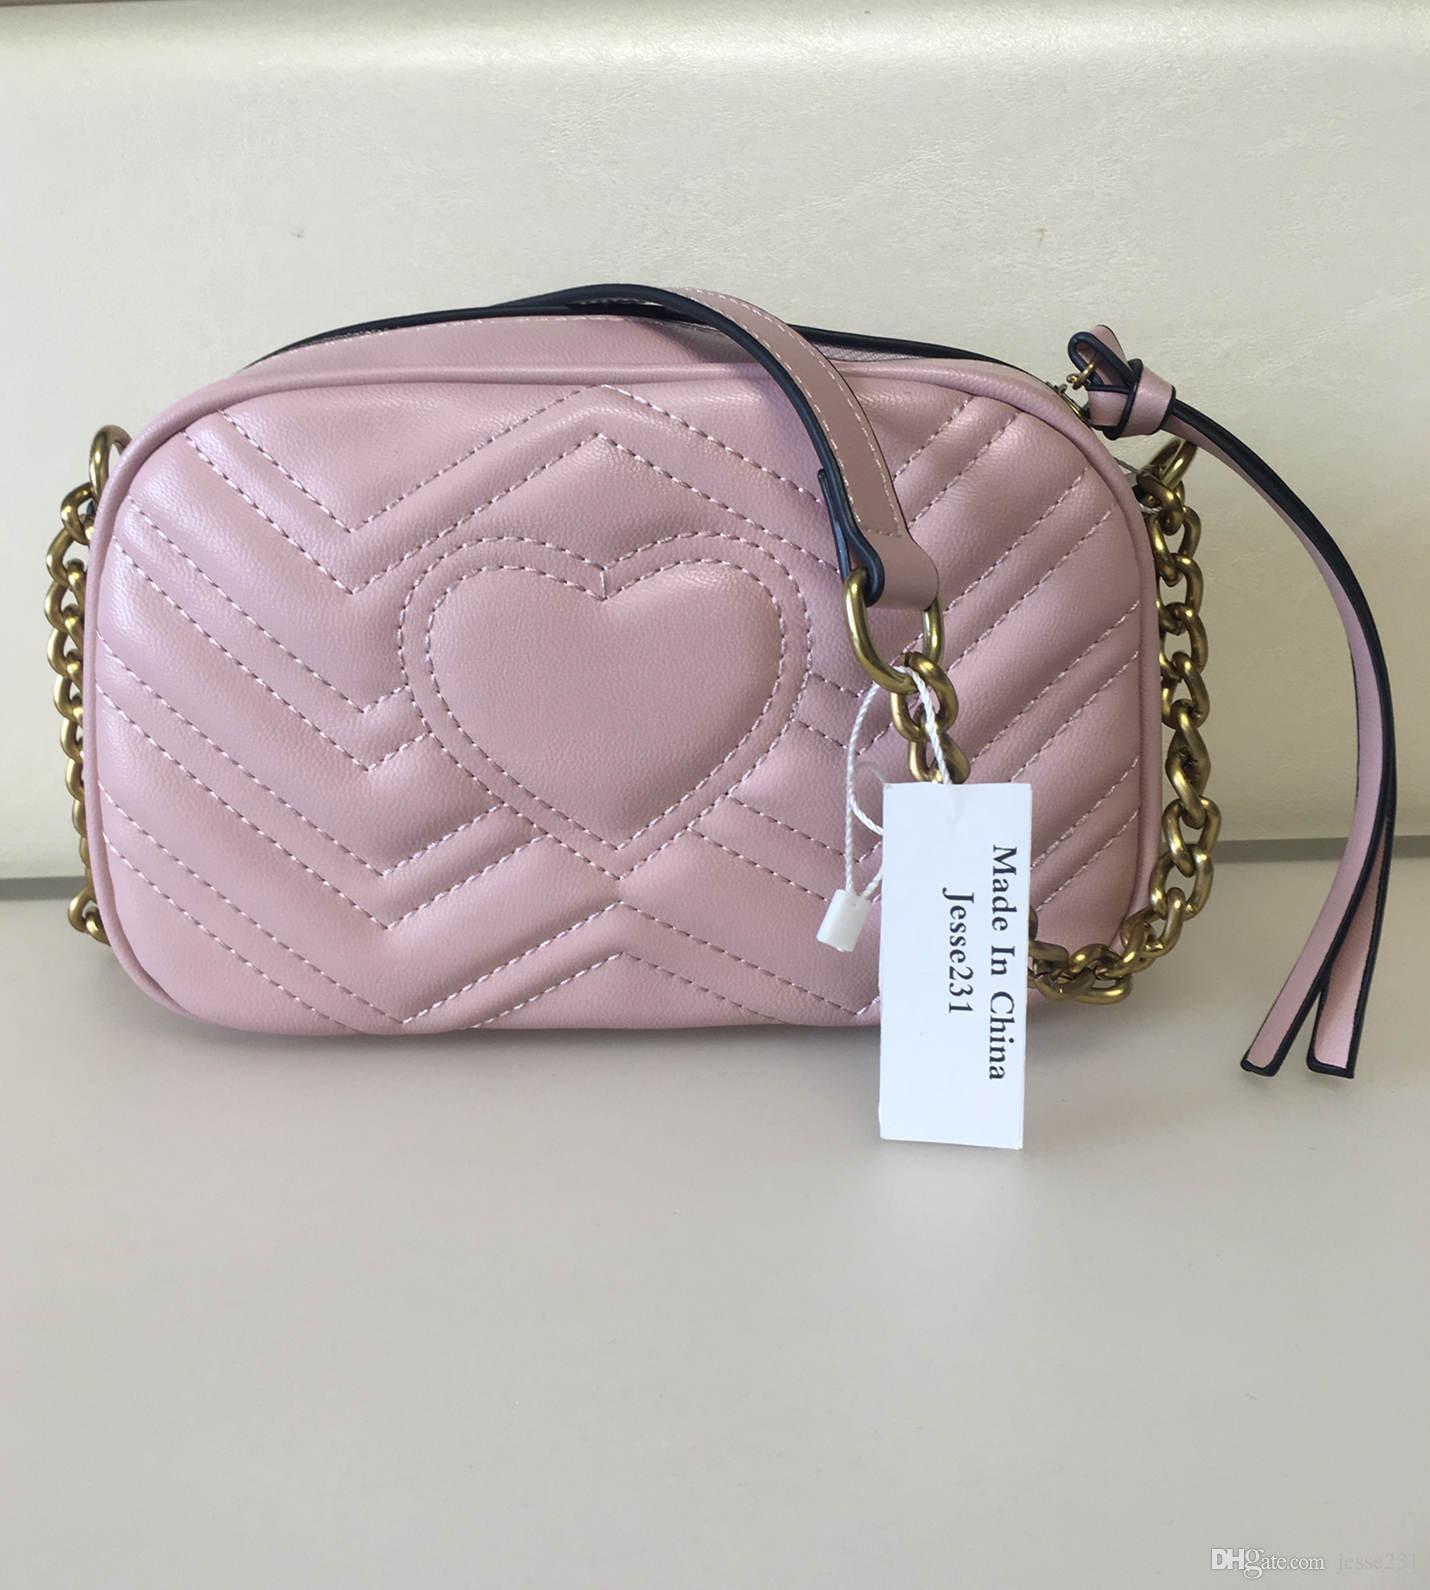 Qualitäts-neue Frauen-Handtaschen Goldkette Schultertasche Umhängetasche Soho-Tasche Disco Messenger Bag Portemonnaie 5 Farben